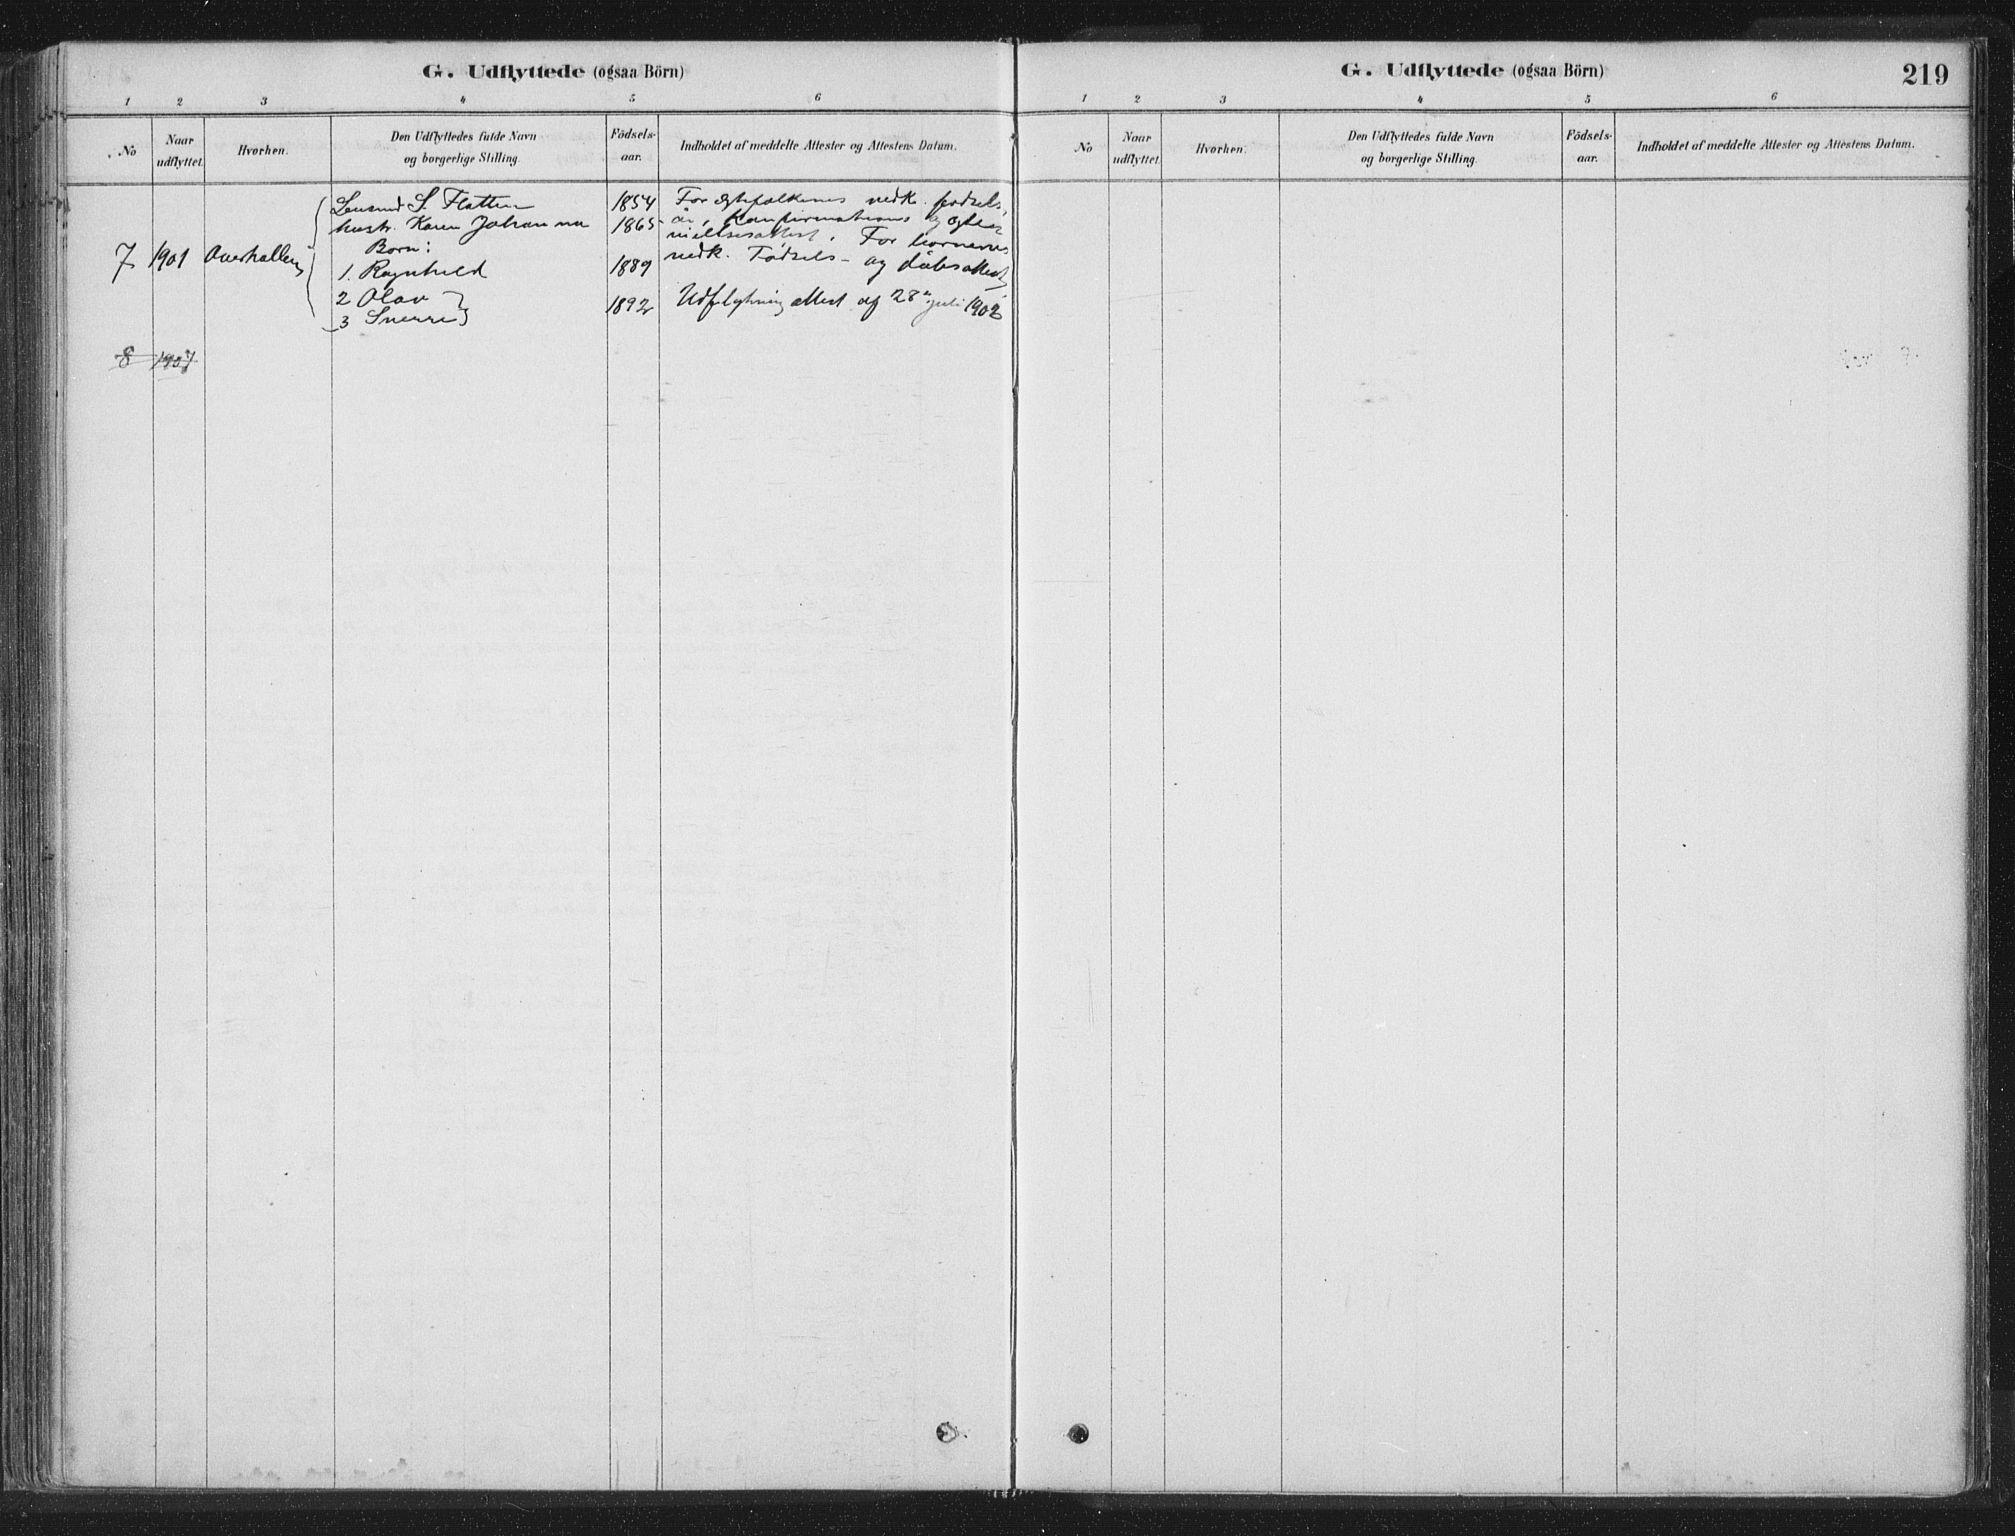 SAT, Ministerialprotokoller, klokkerbøker og fødselsregistre - Nord-Trøndelag, 788/L0697: Ministerialbok nr. 788A04, 1878-1902, s. 219